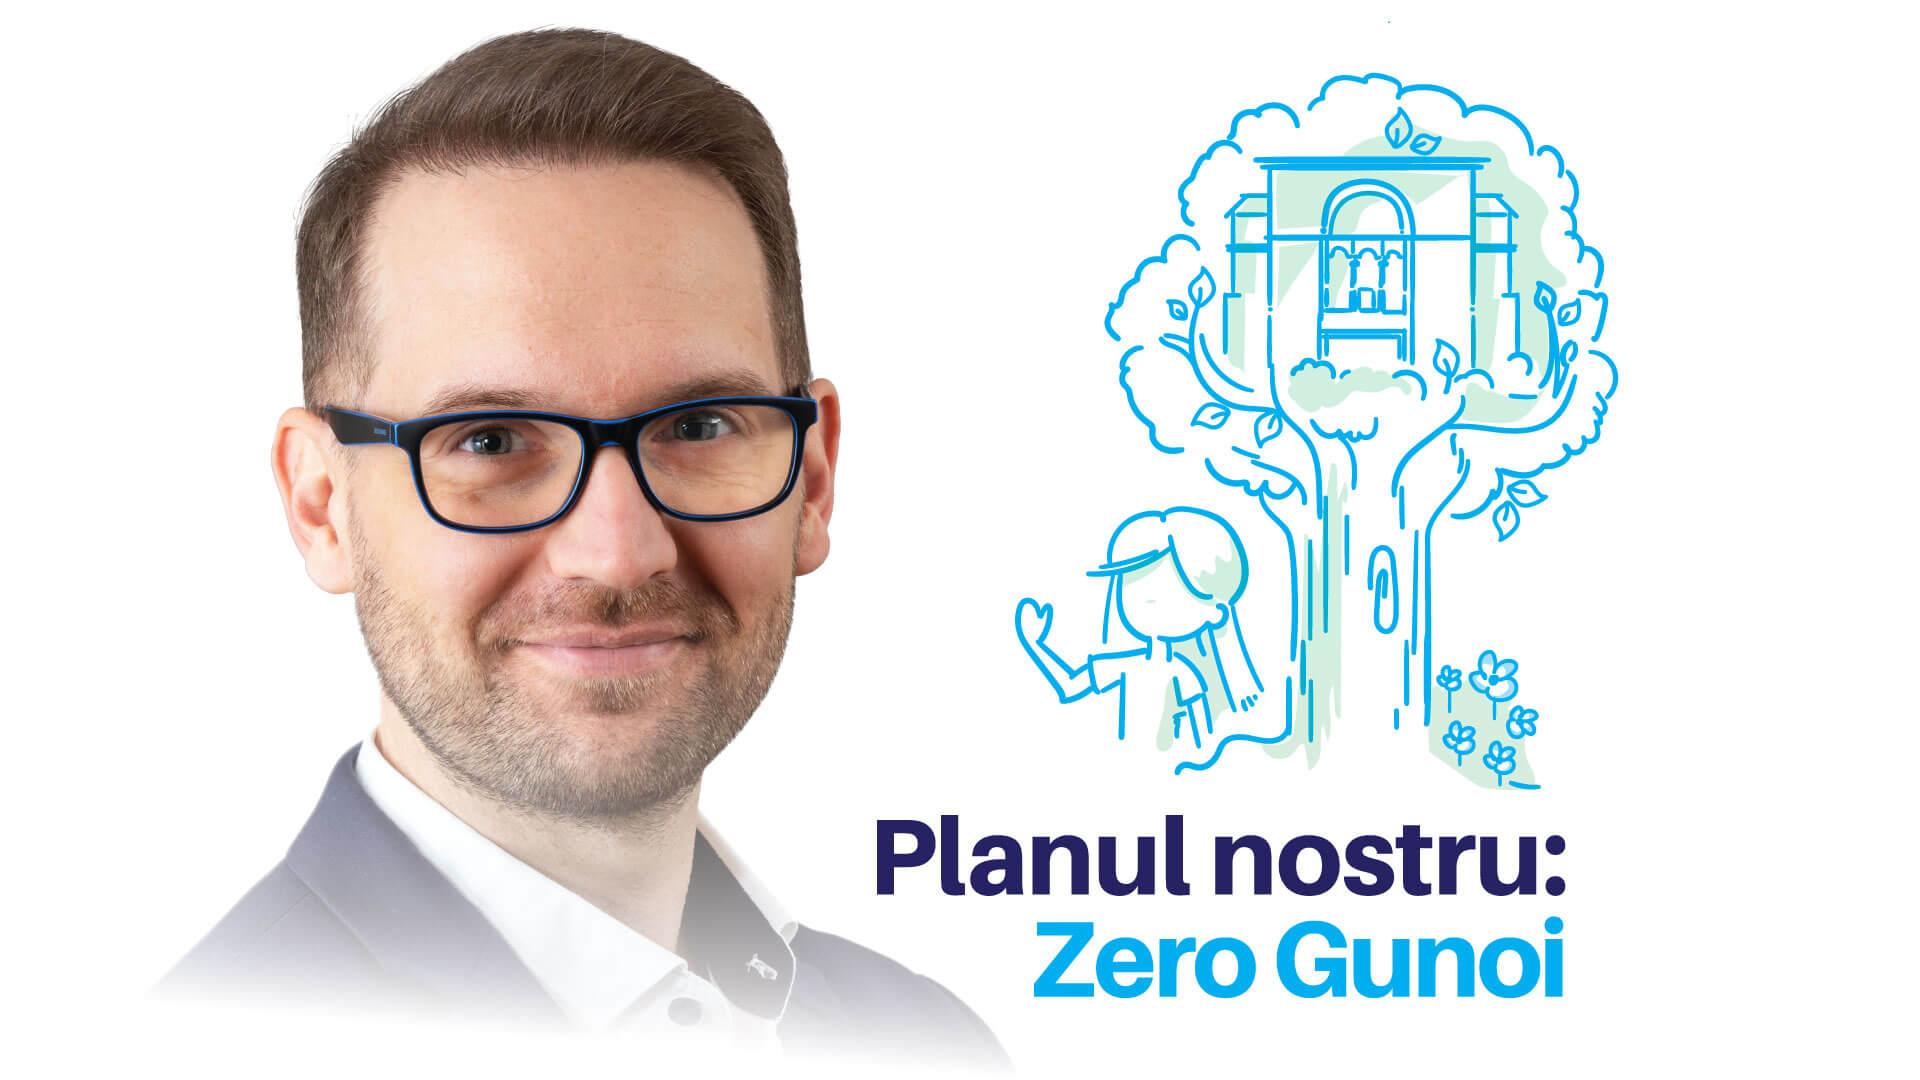 Zero gunoi. Planul lui Dominic Fritz și al Alianței USR PLUS pentru curățenie în Timișoara